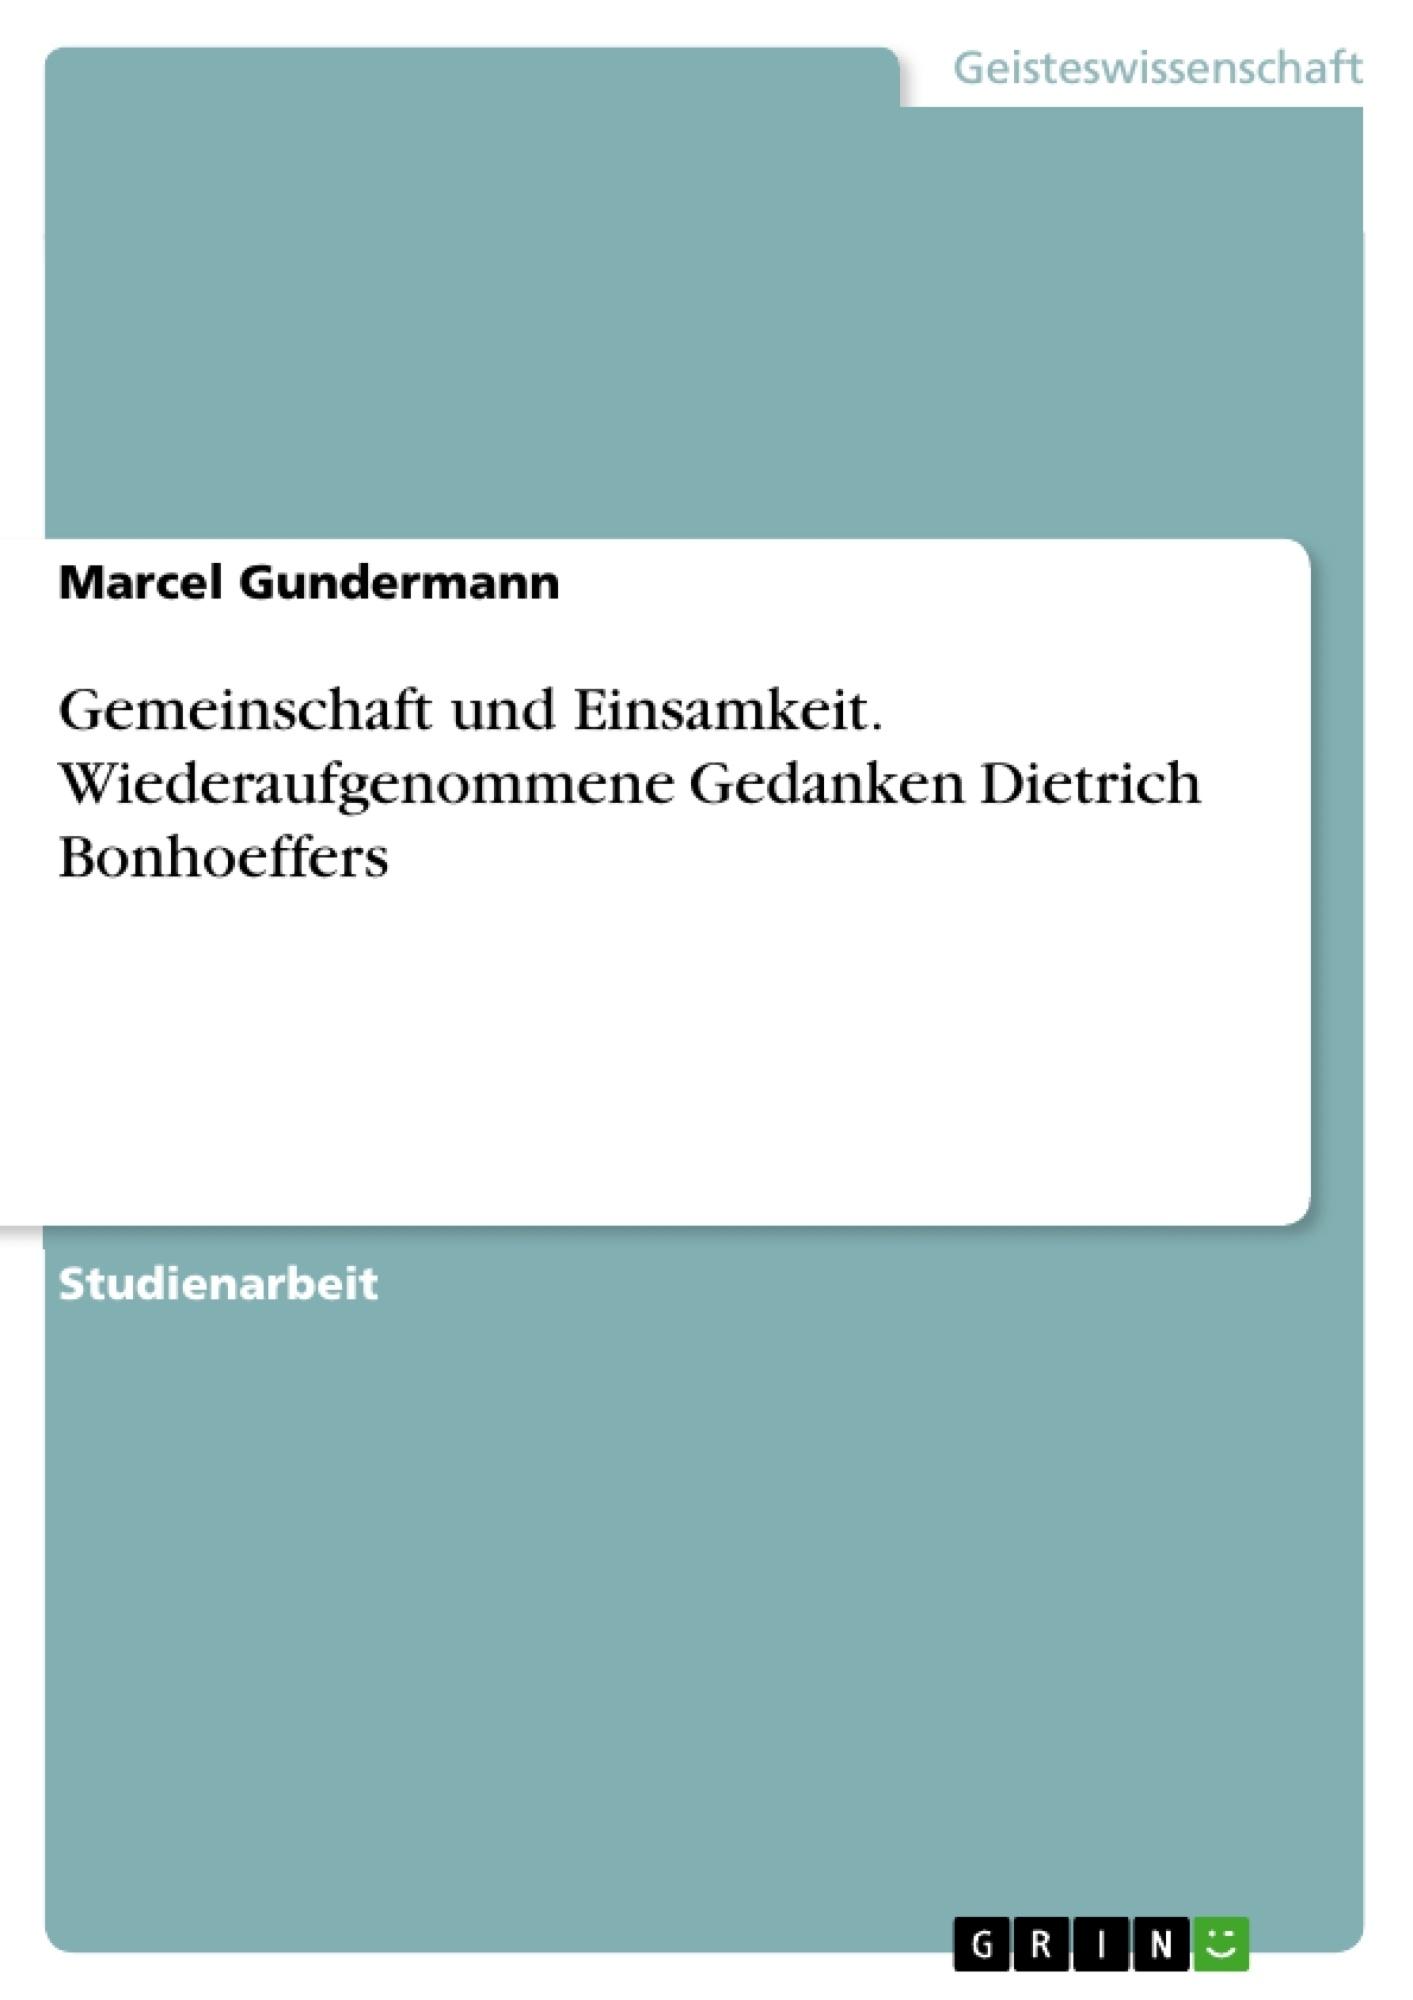 Titel: Gemeinschaft und Einsamkeit. Wiederaufgenommene Gedanken Dietrich Bonhoeffers